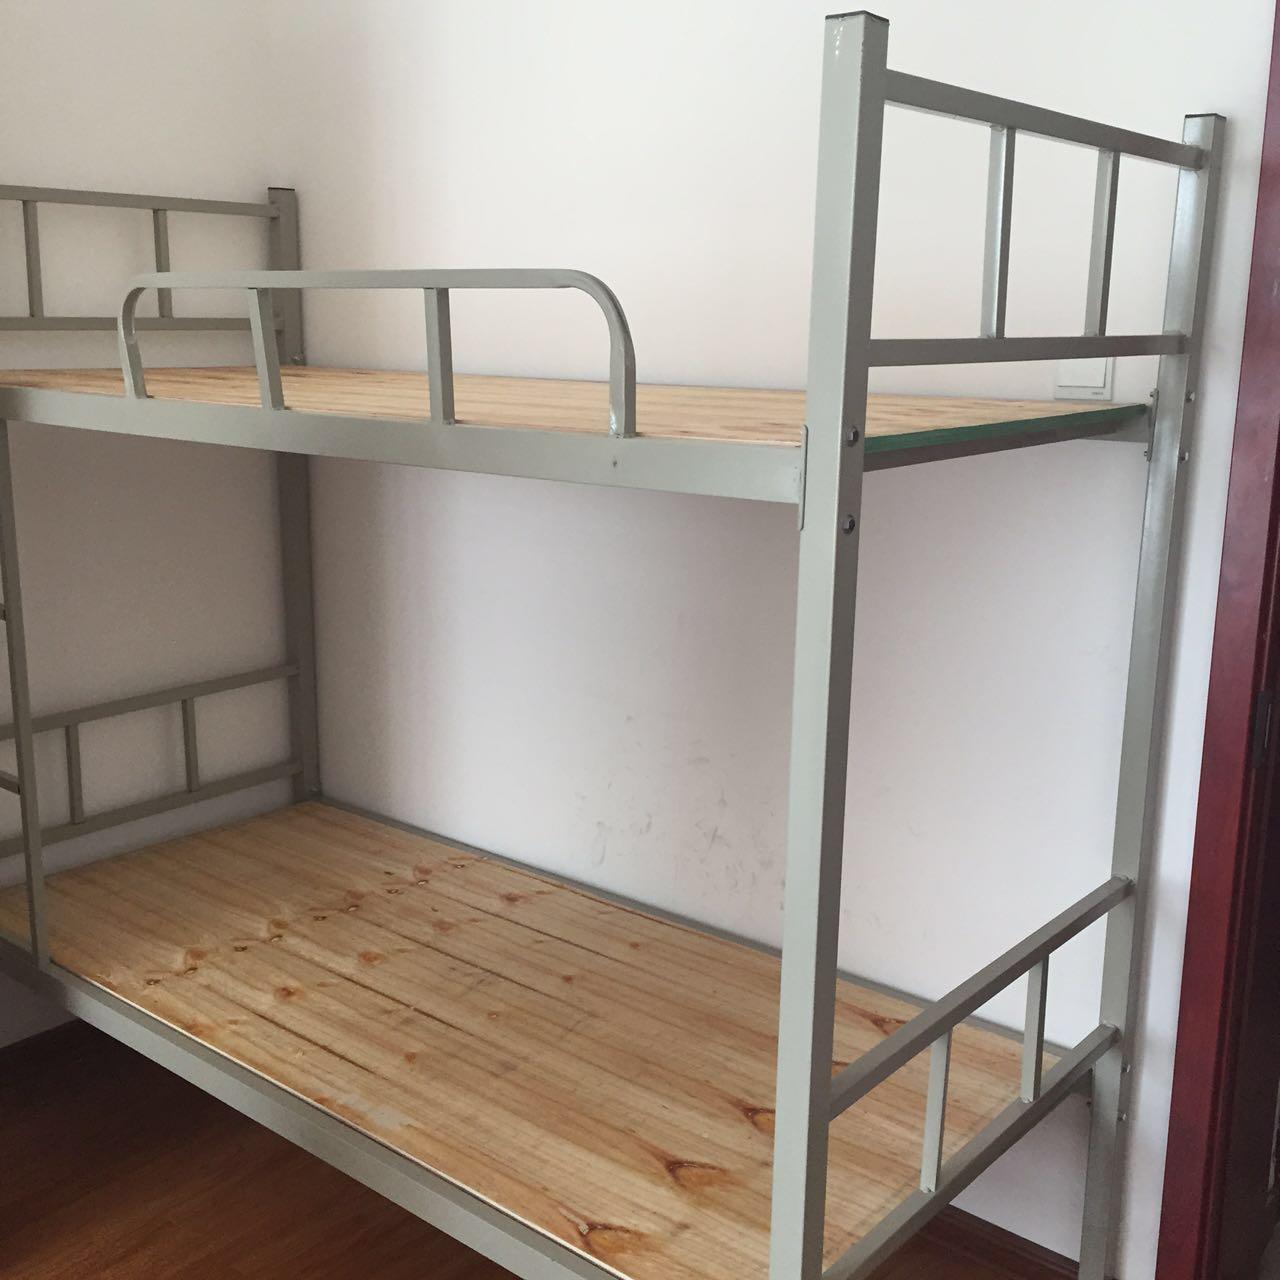 河南来往床业,郑州来往到家配送,上下床,上下铺,高低床,折叠床。 来往到家免费配送,来往床业承诺:同等质量(厚度,强度),同等服务内容(送货,安装)条件下价格比我们低的我们给客户补差价,低多少补多少。质保2年免费更换。 上下床材料如下: 1.上下床外形:长2000mm,宽900mm,高1750mm(床顶到地面)蚊帐杆两头为半径25mm圆弧,蚊帐杆高度1100mm。 2、上下床床板:全新厂家直销纯木板,压缩板,直接耐用无异味。 3、上下床架子:灰色喷漆抛光,床框40*4标准钢角,床档两根25*25*1.